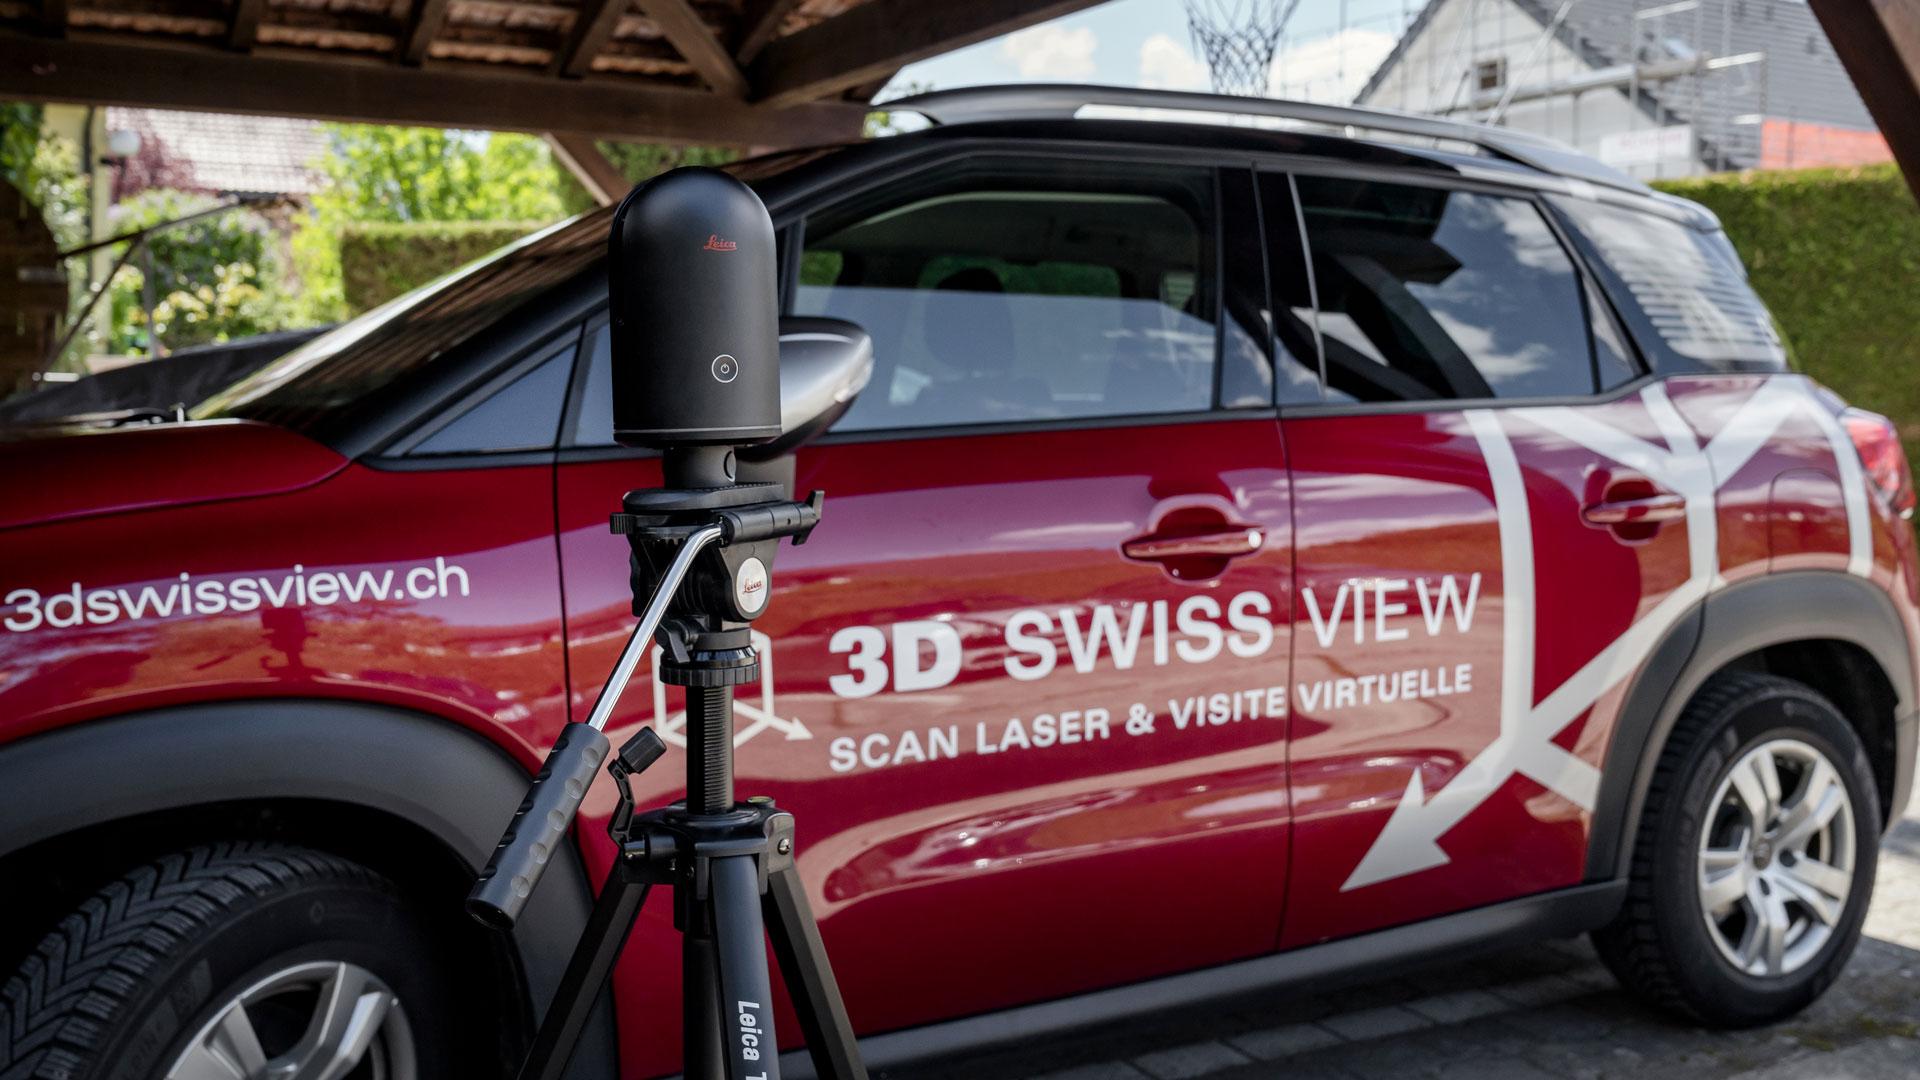 Voiture de 3D Swiss View Sàrl à Martigny et Romanel-sur-Lausanne